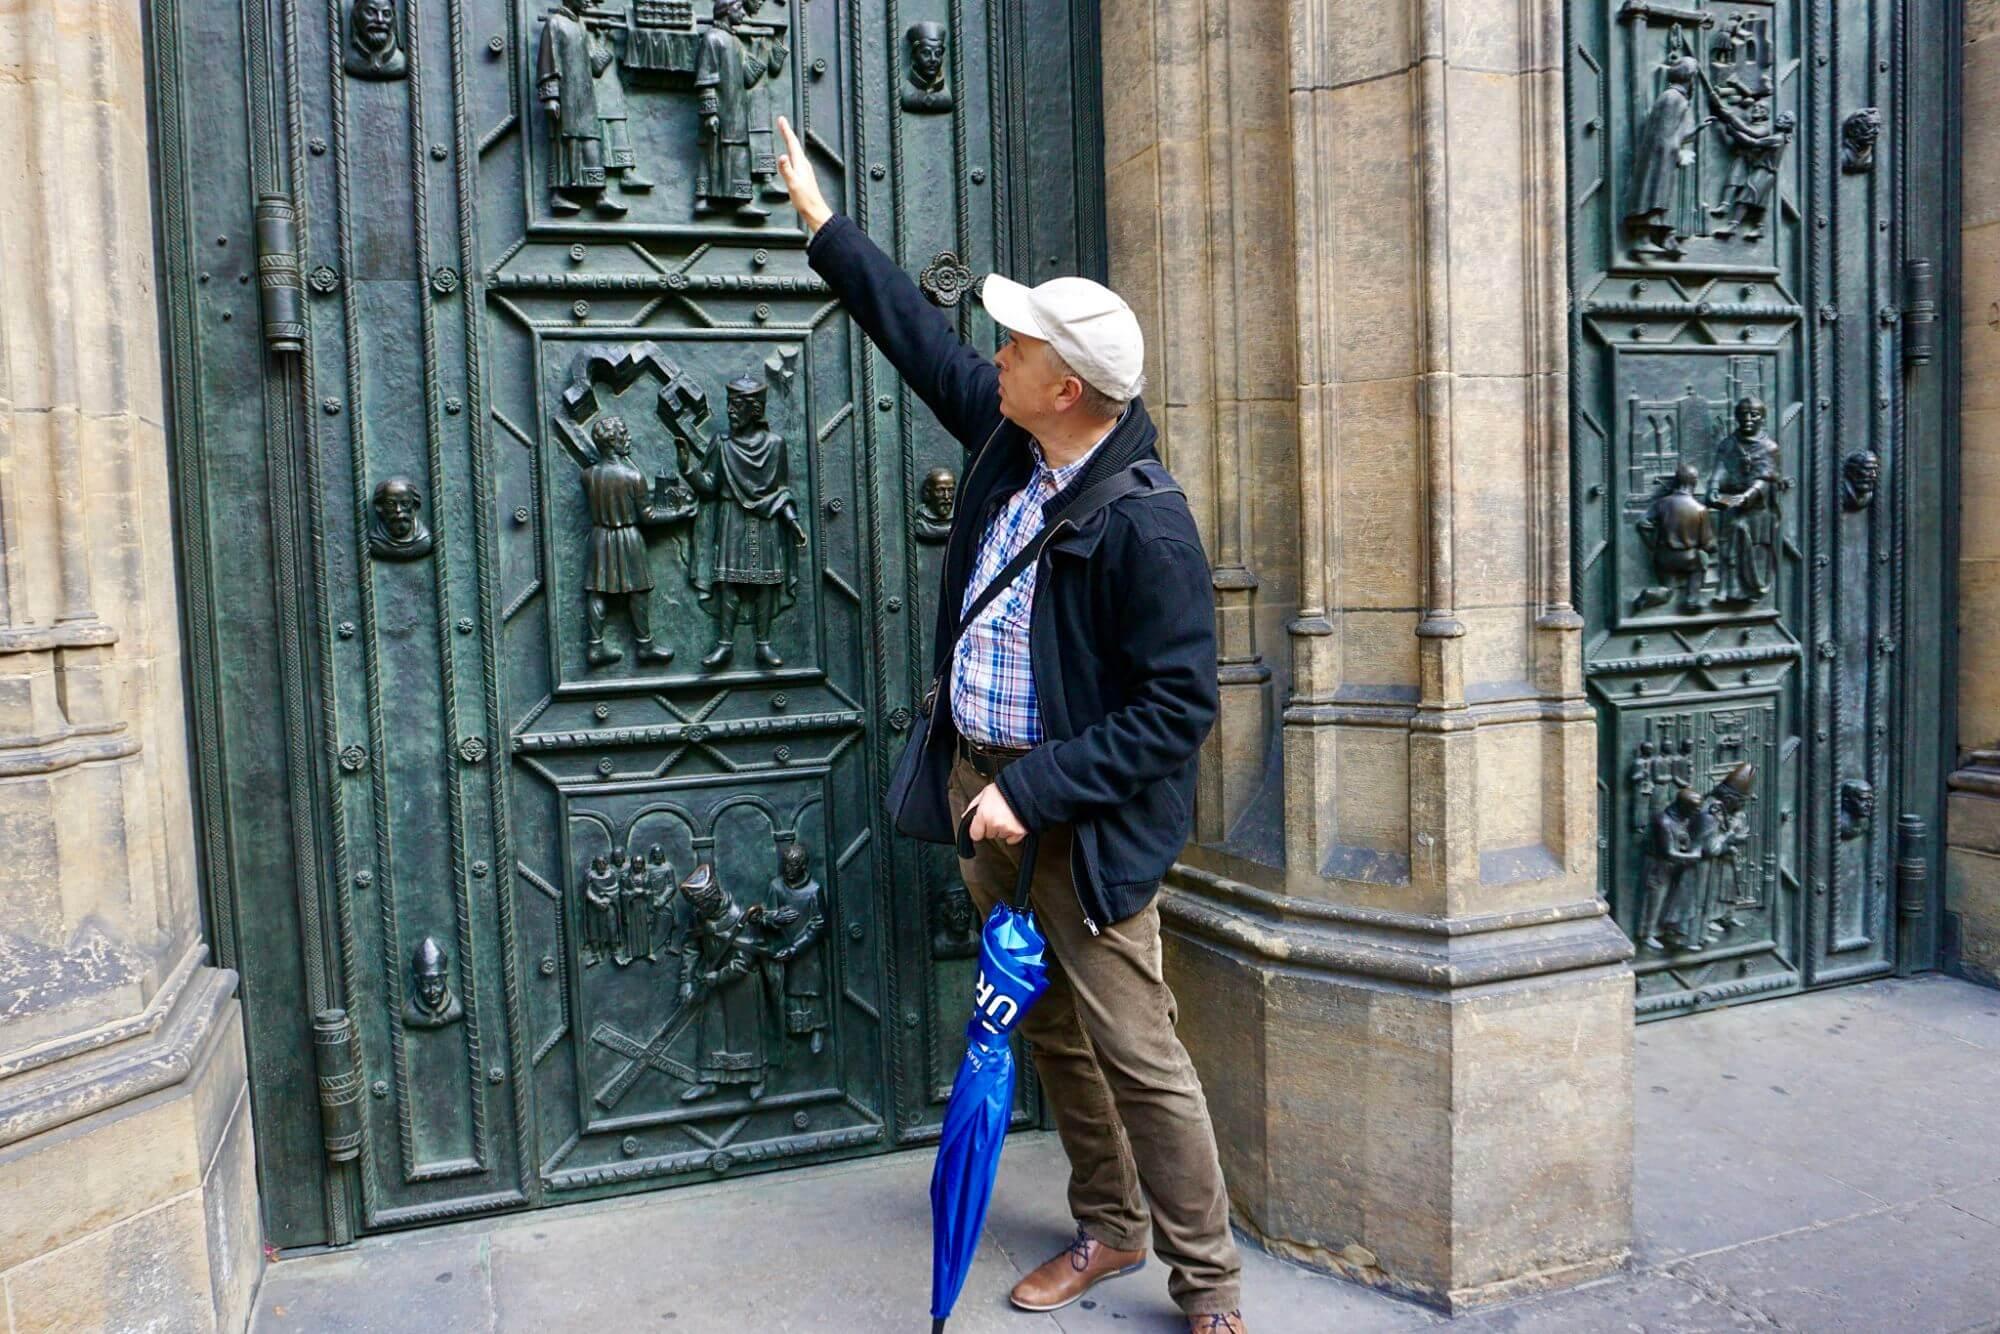 Prague free walking tour guide